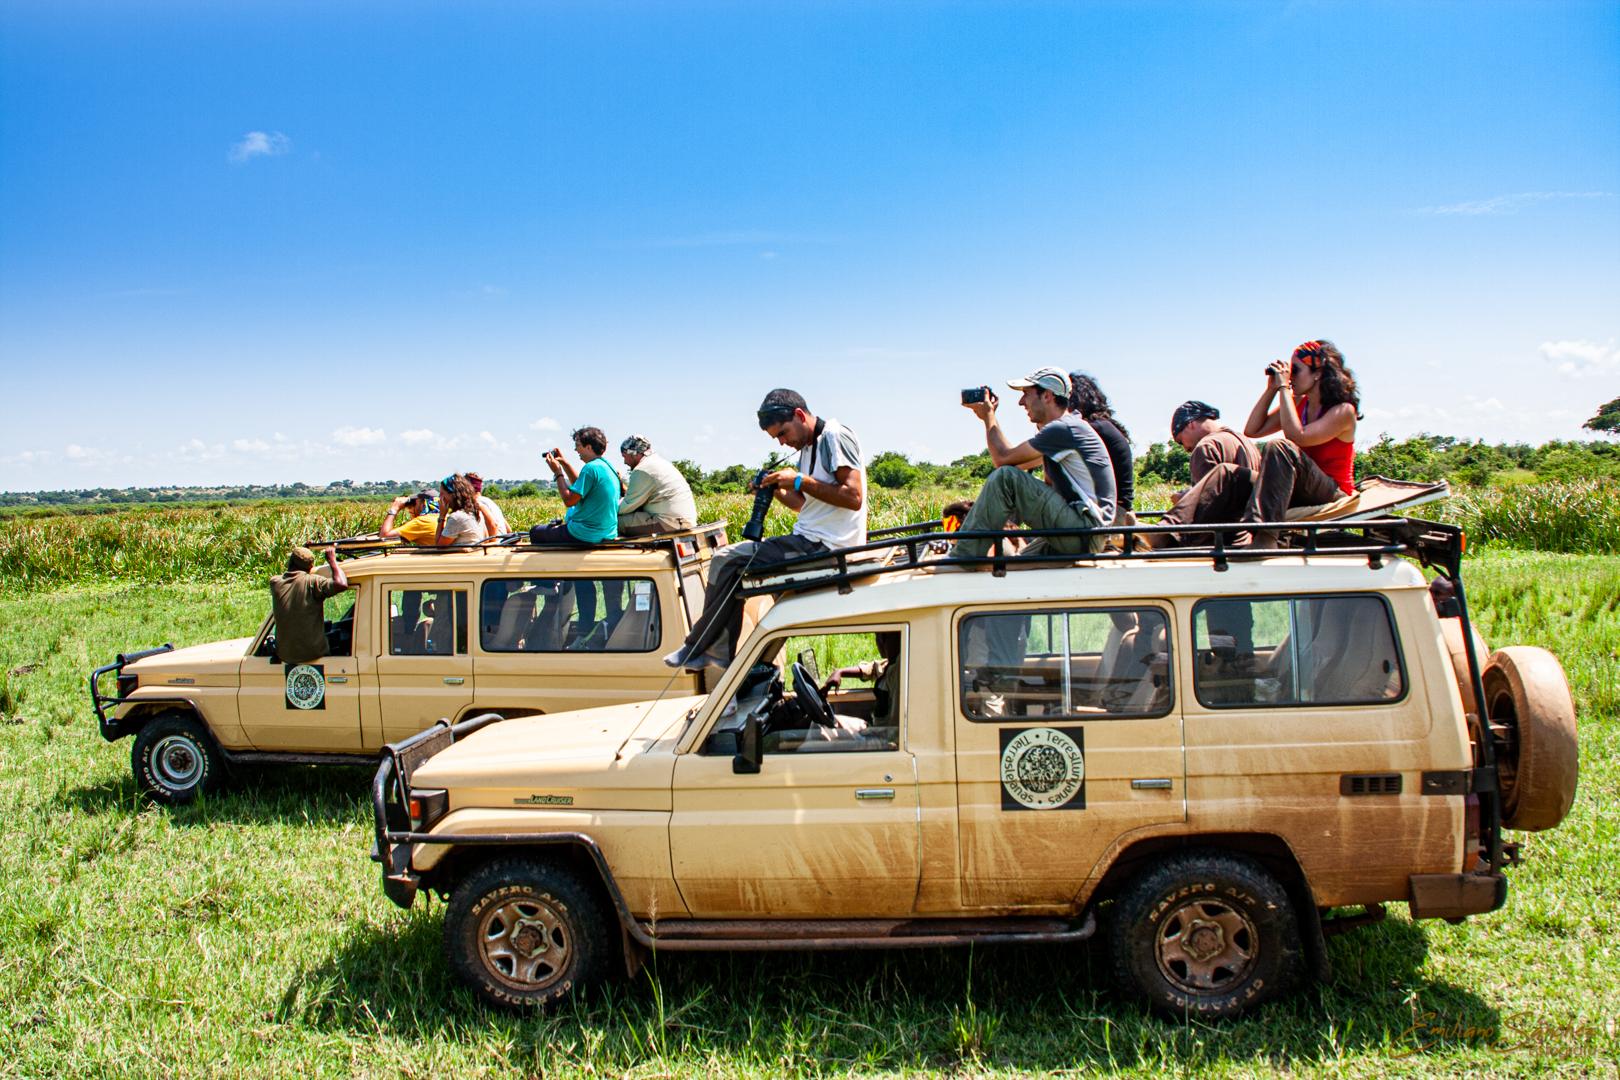 Viajeros del viaje fotográfico a Uganda realizando fotografías encima de los vehículos.